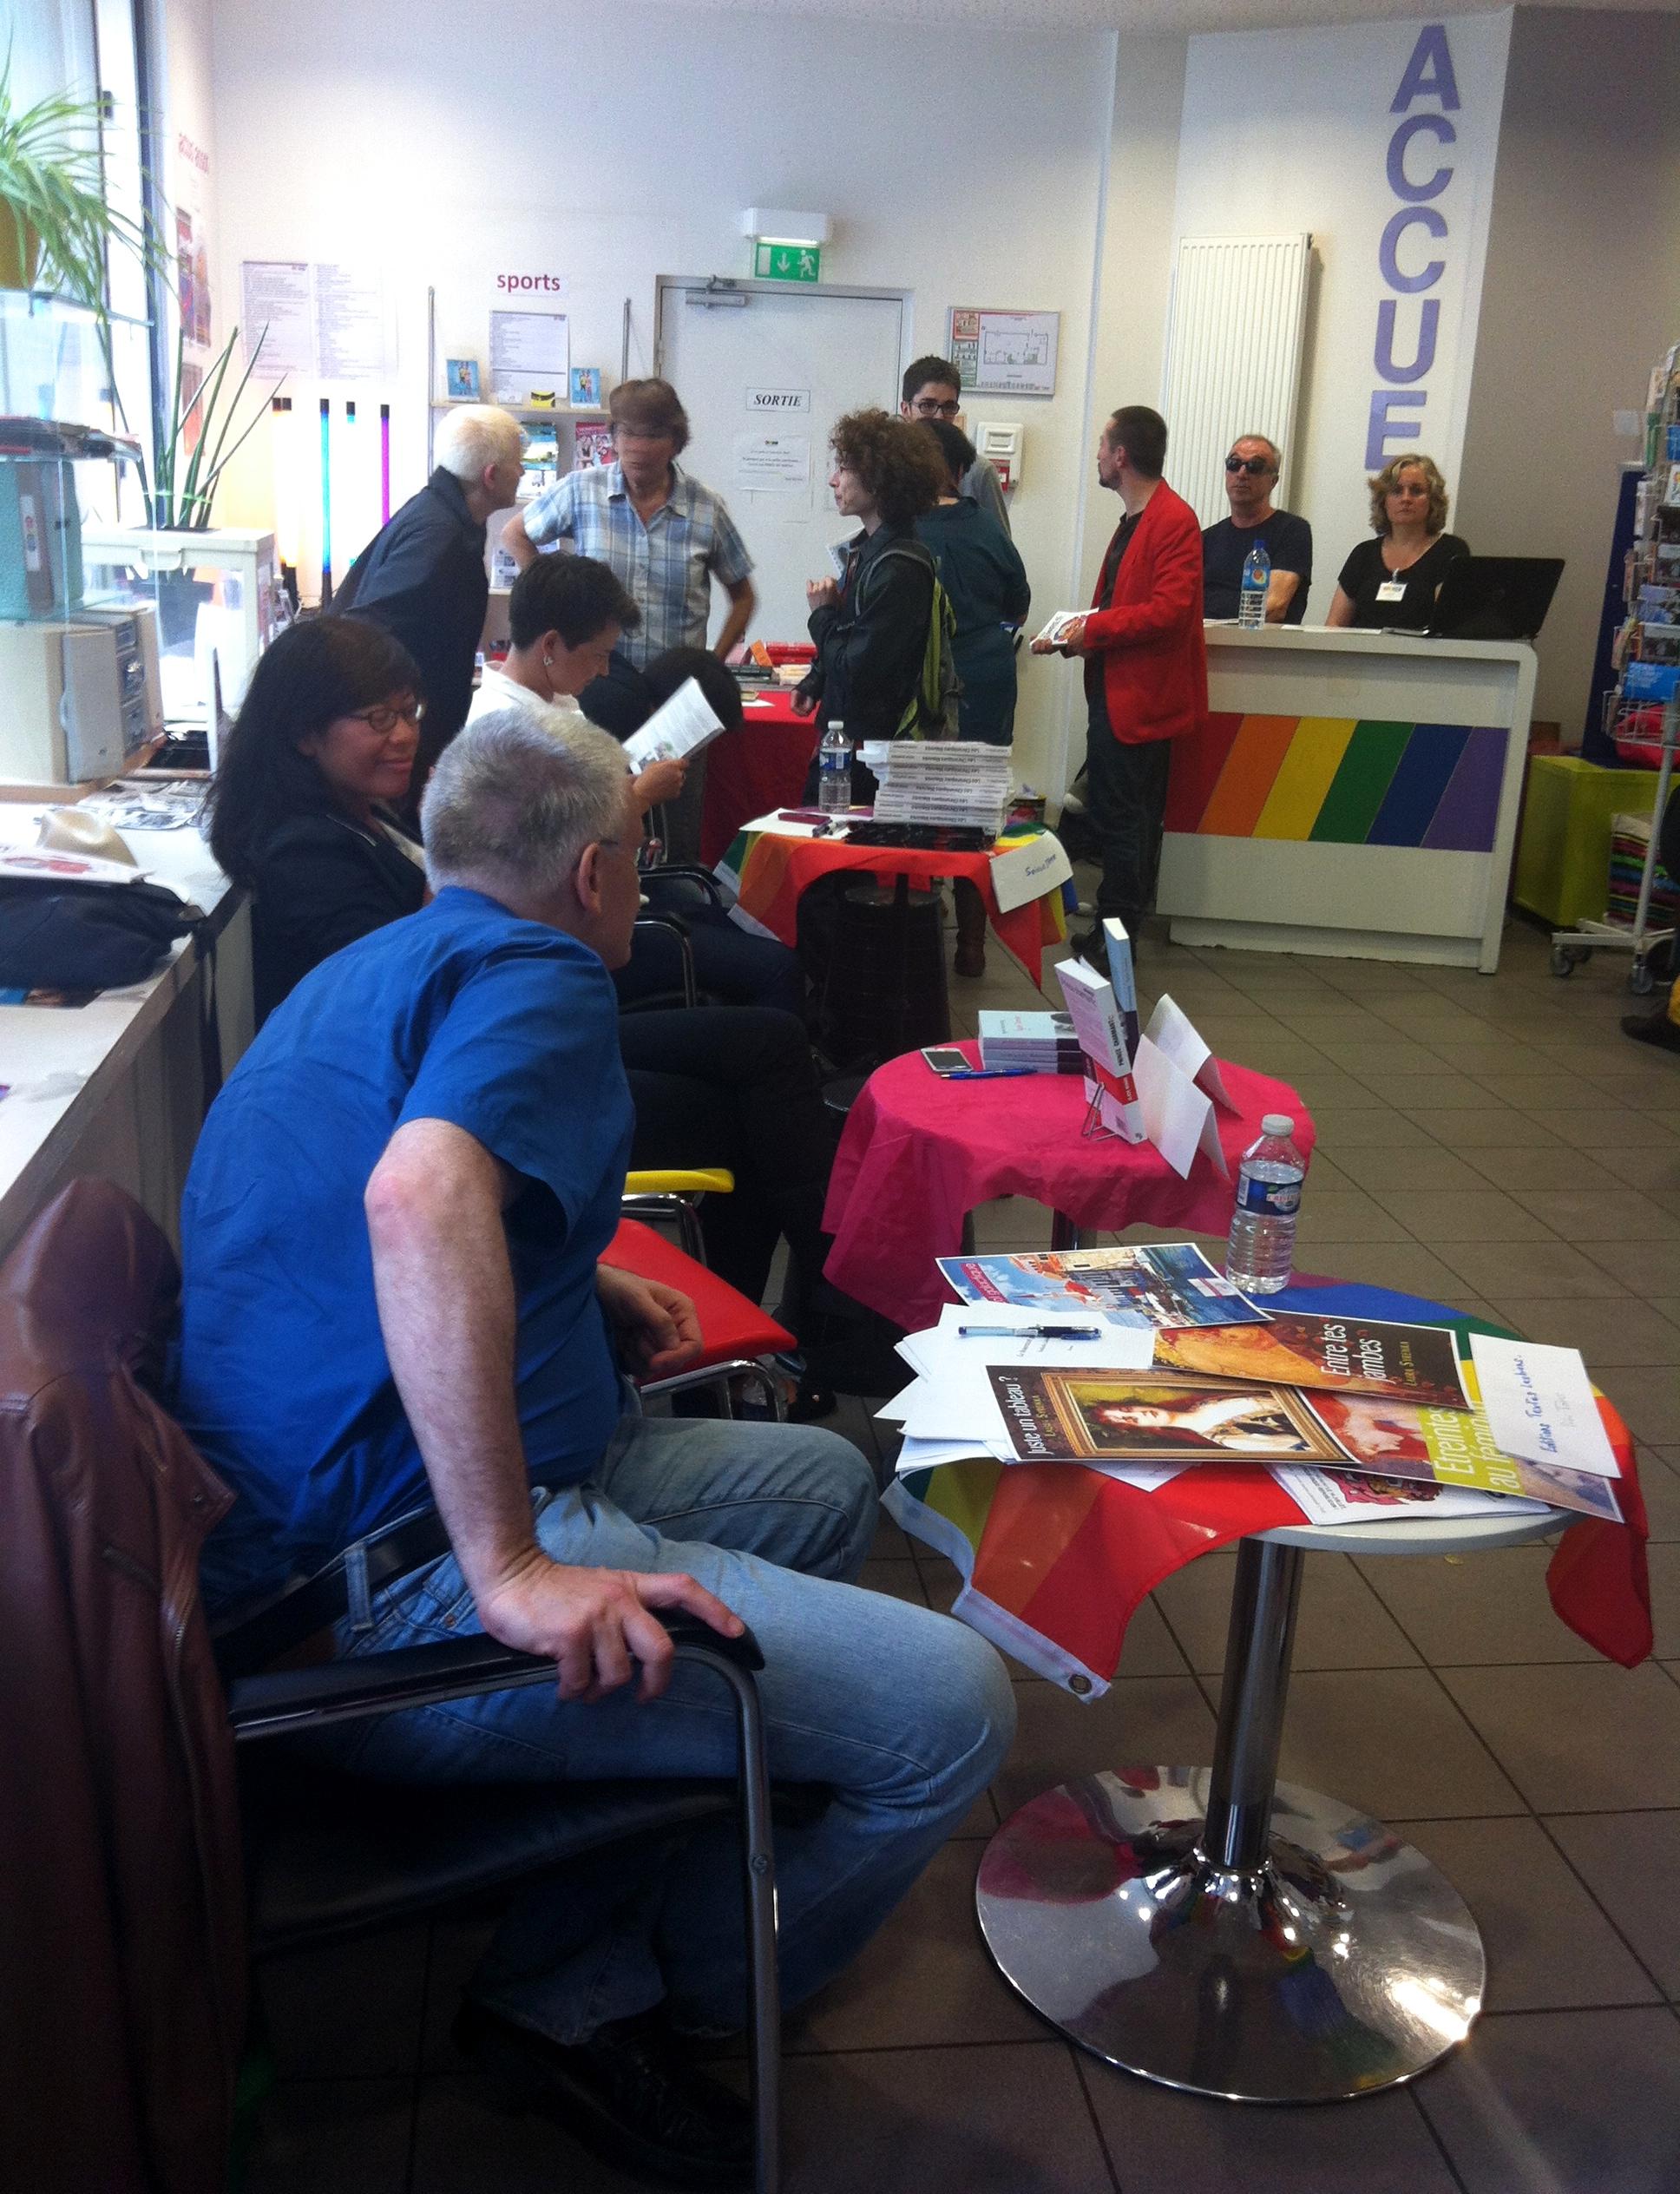 salon du livre lesbien centre LGBT 2014 paris dédicaces auteurs